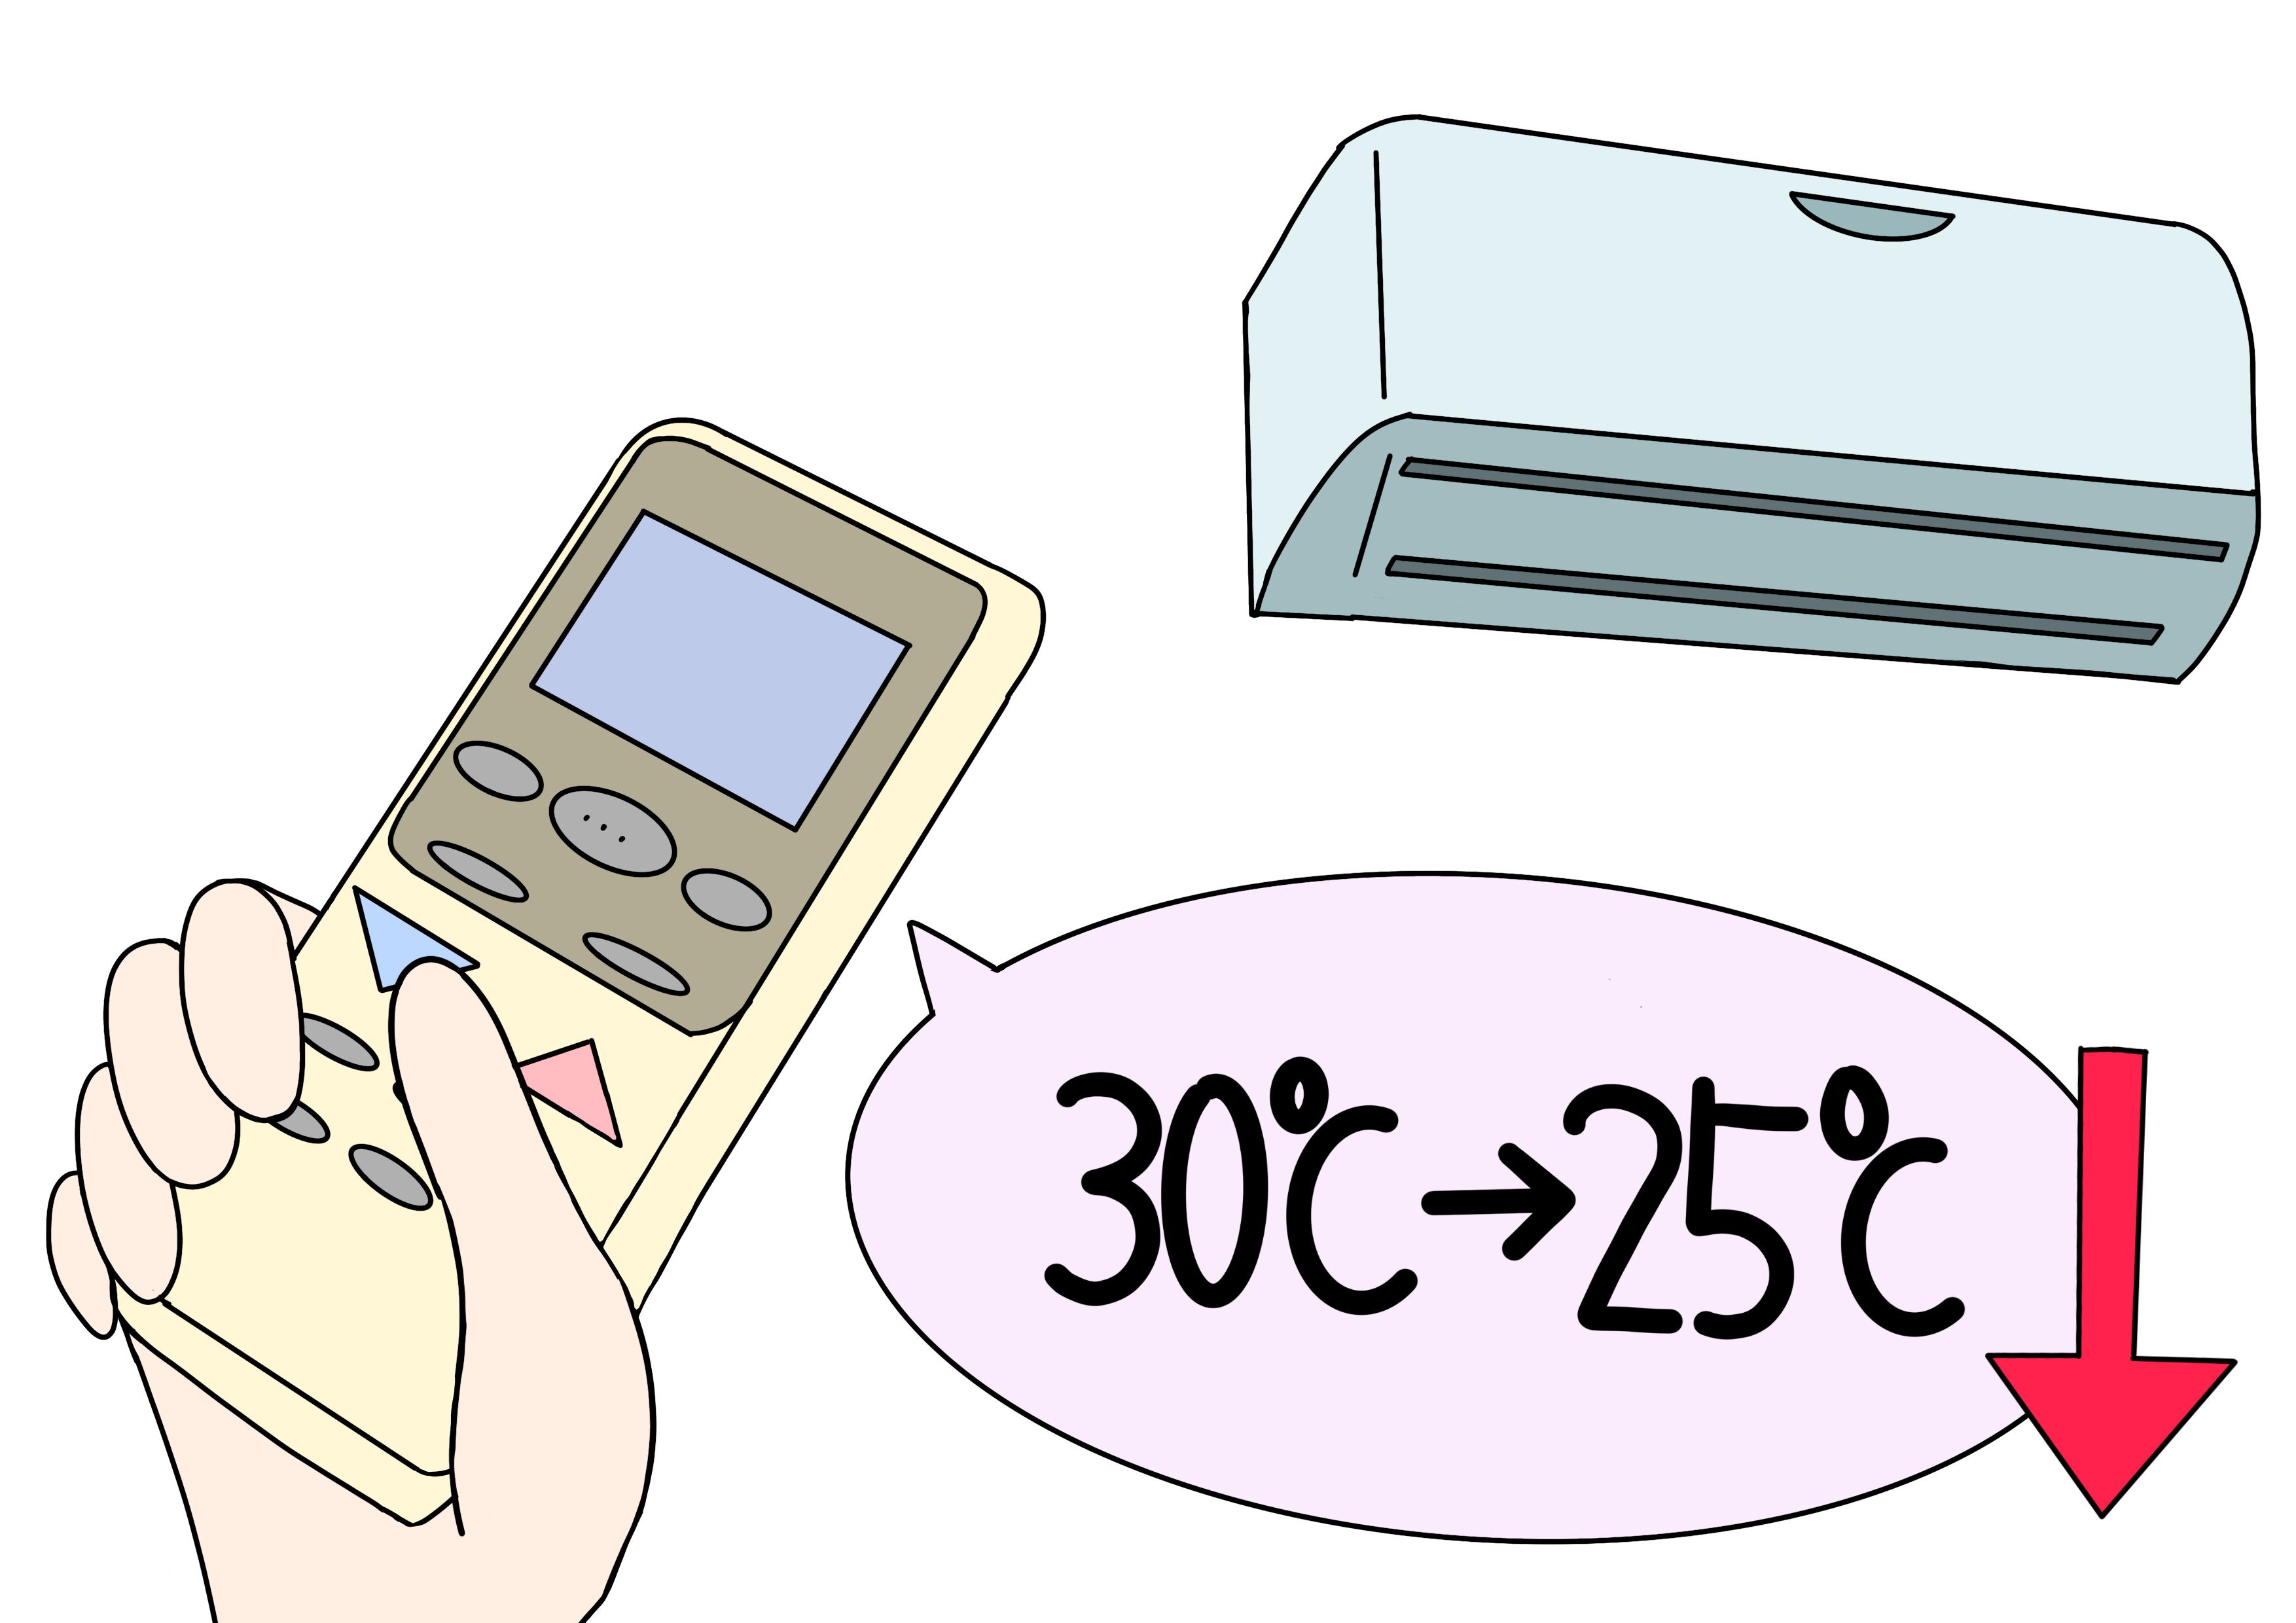 41課イラスト【エアコンの温度を下げる】